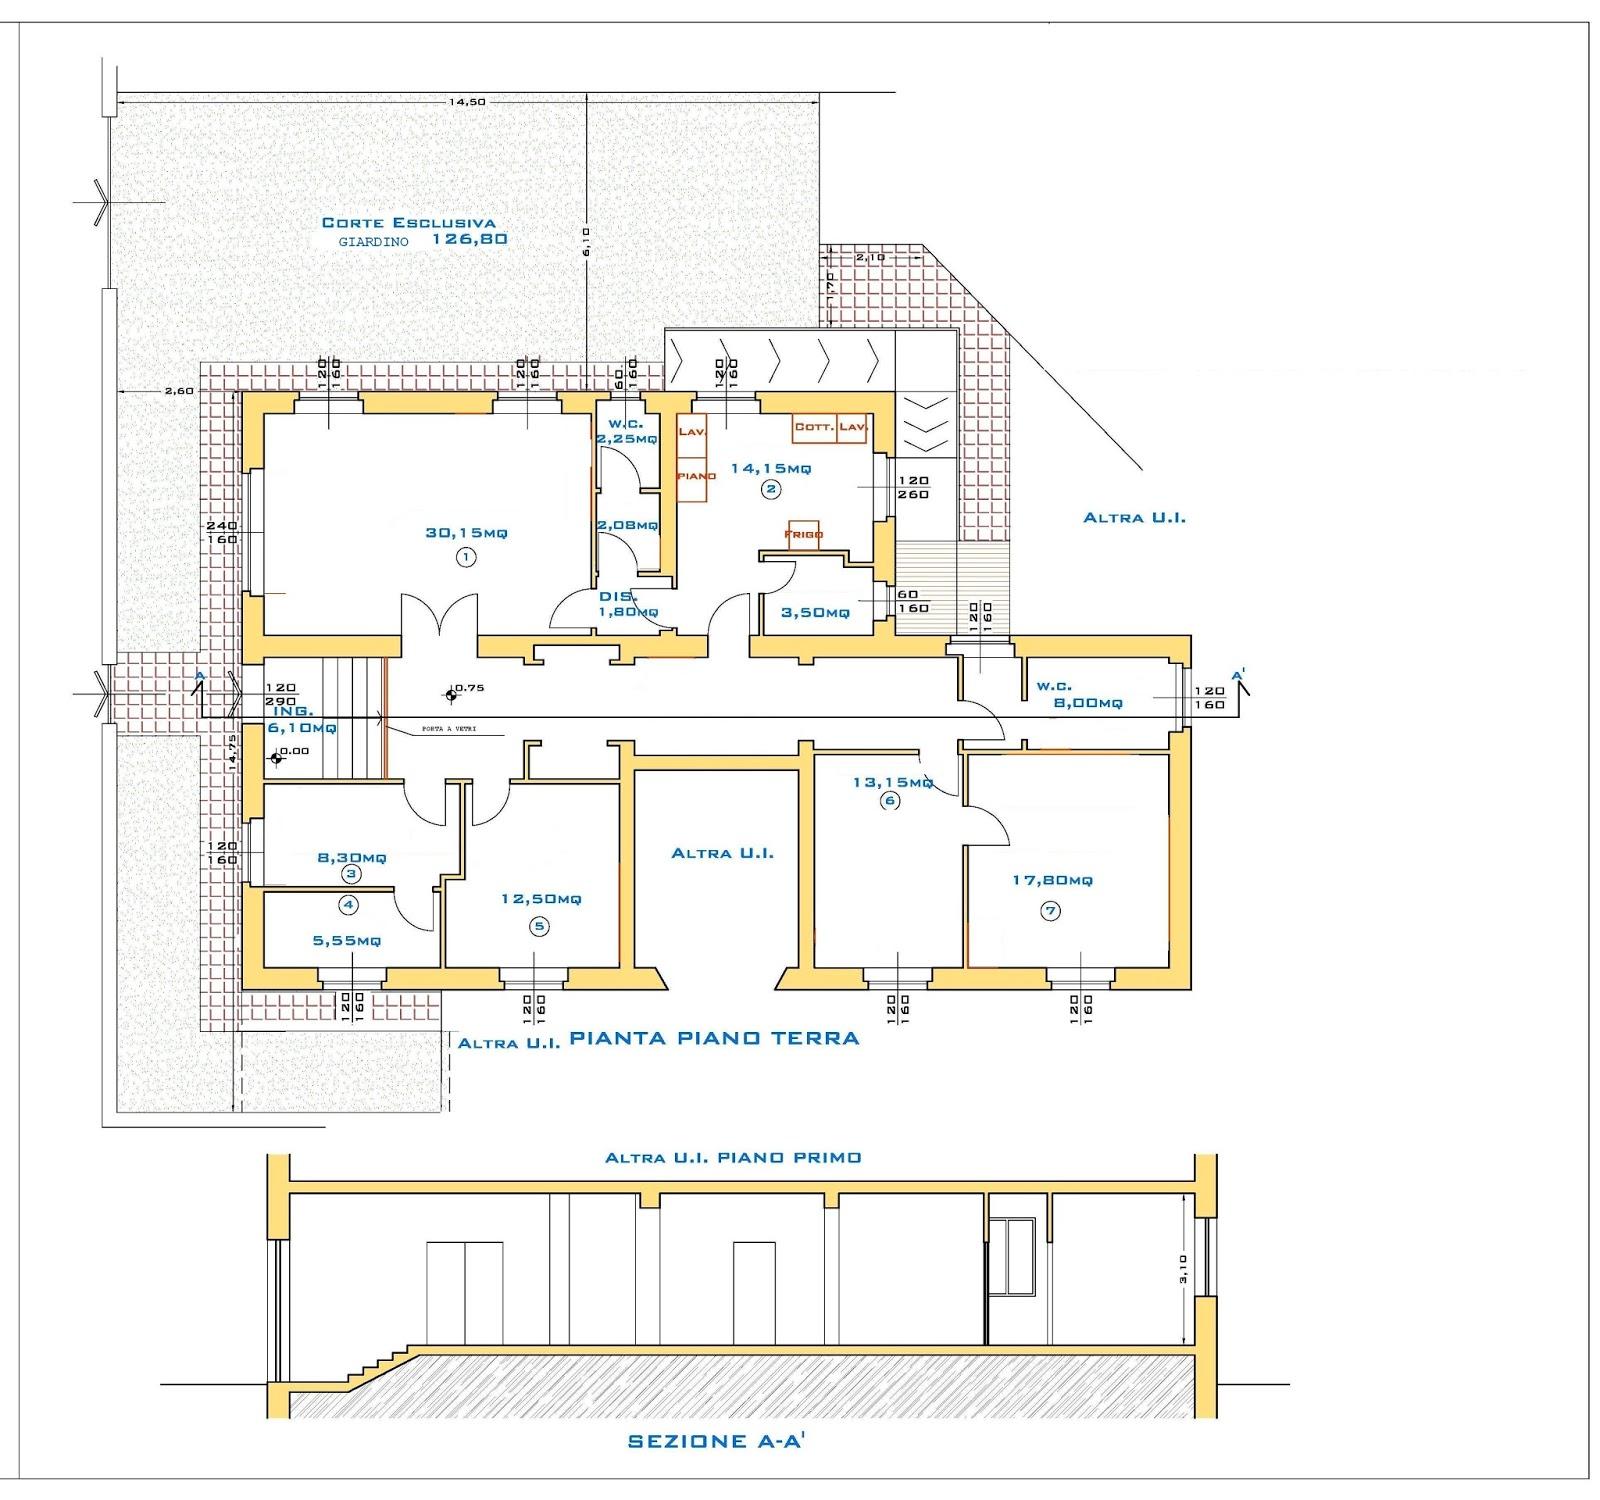 Immobiliare a grosseto blog portale delle case in for Planimetrie delle case con struttura in metallo